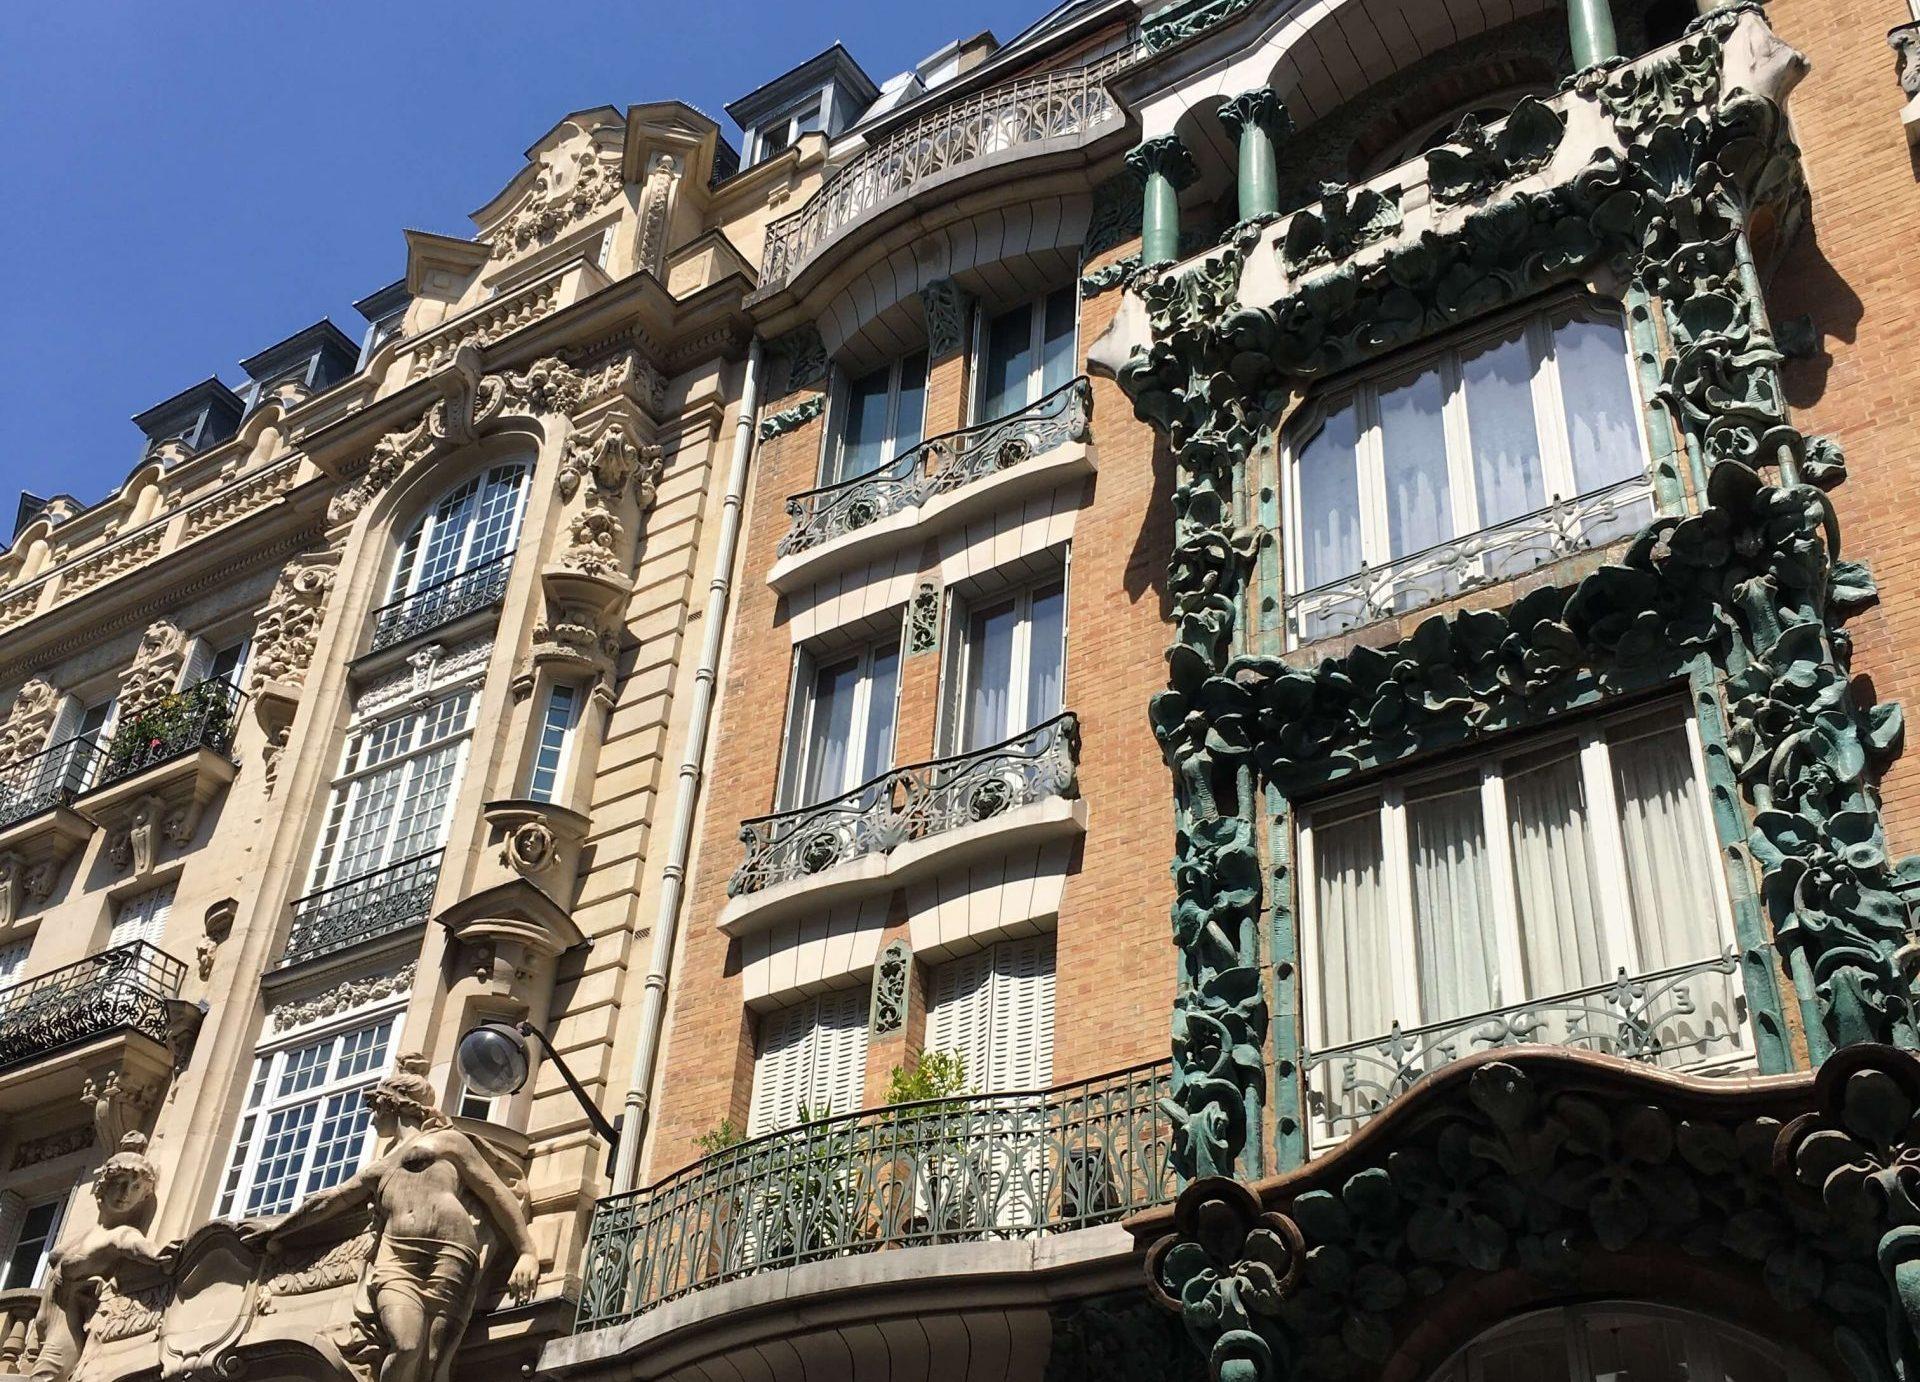 Parisian balcony in the 10th arrondissement in Paris